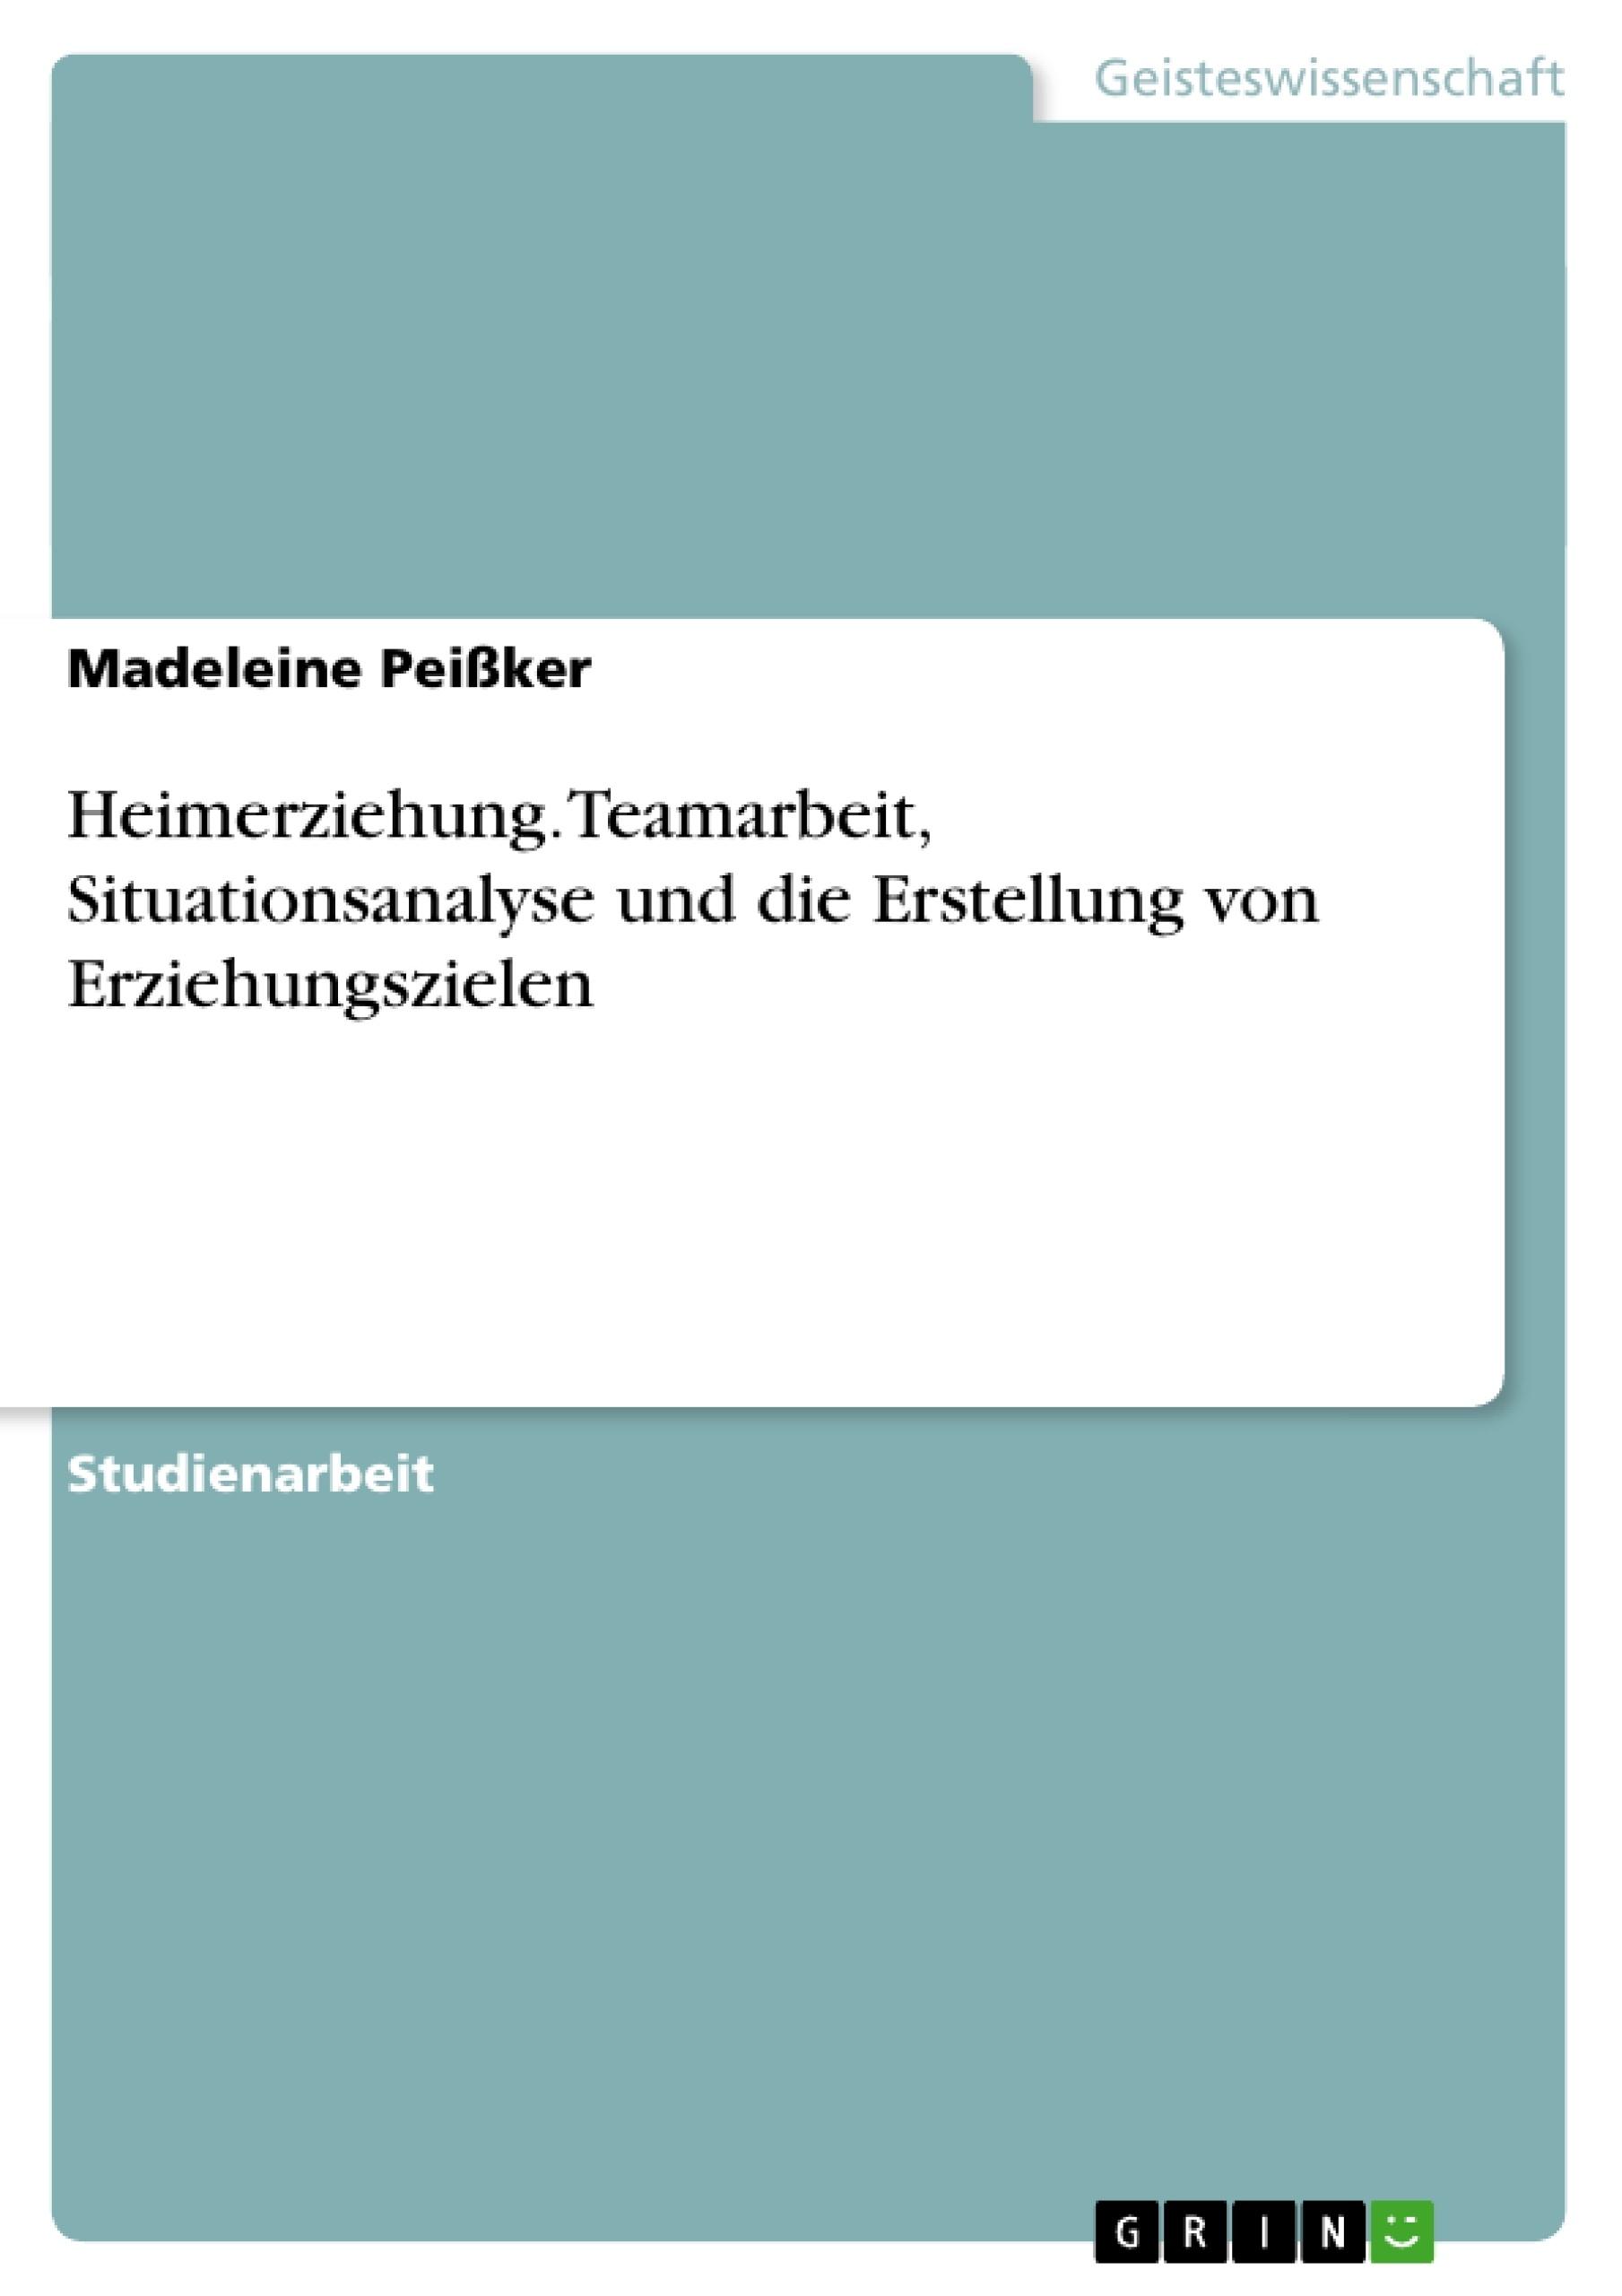 Titel: Heimerziehung. Teamarbeit, Situationsanalyse und die Erstellung von Erziehungszielen